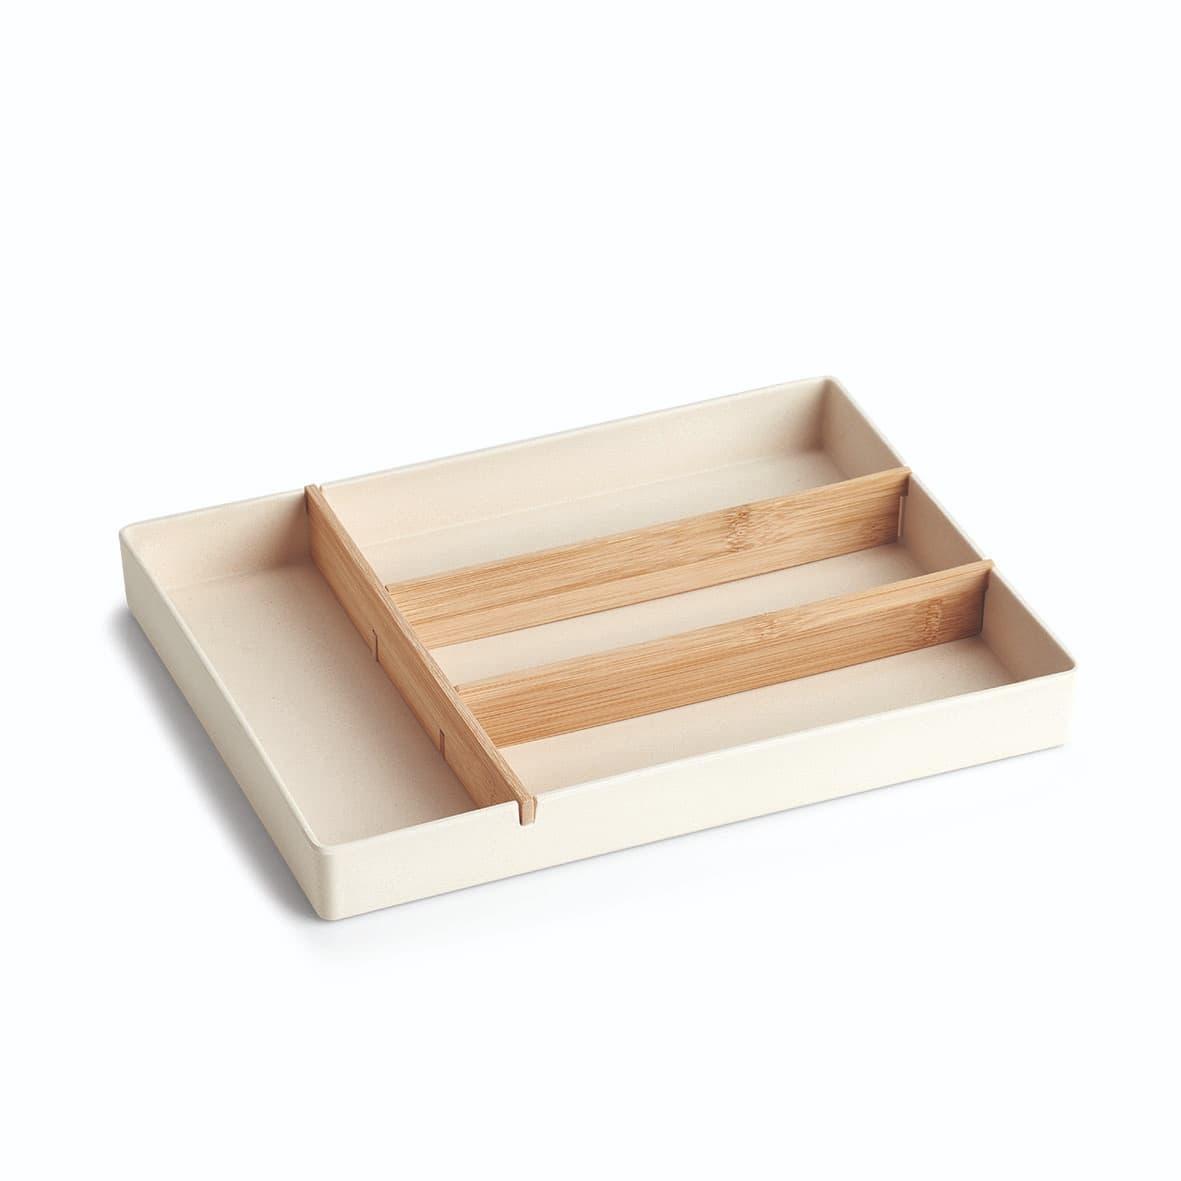 Organizator pentru tacamuri, cu 4 compartimente, din fibre de bambus, Cutlery Natural, L33xl25xH3,8 cm